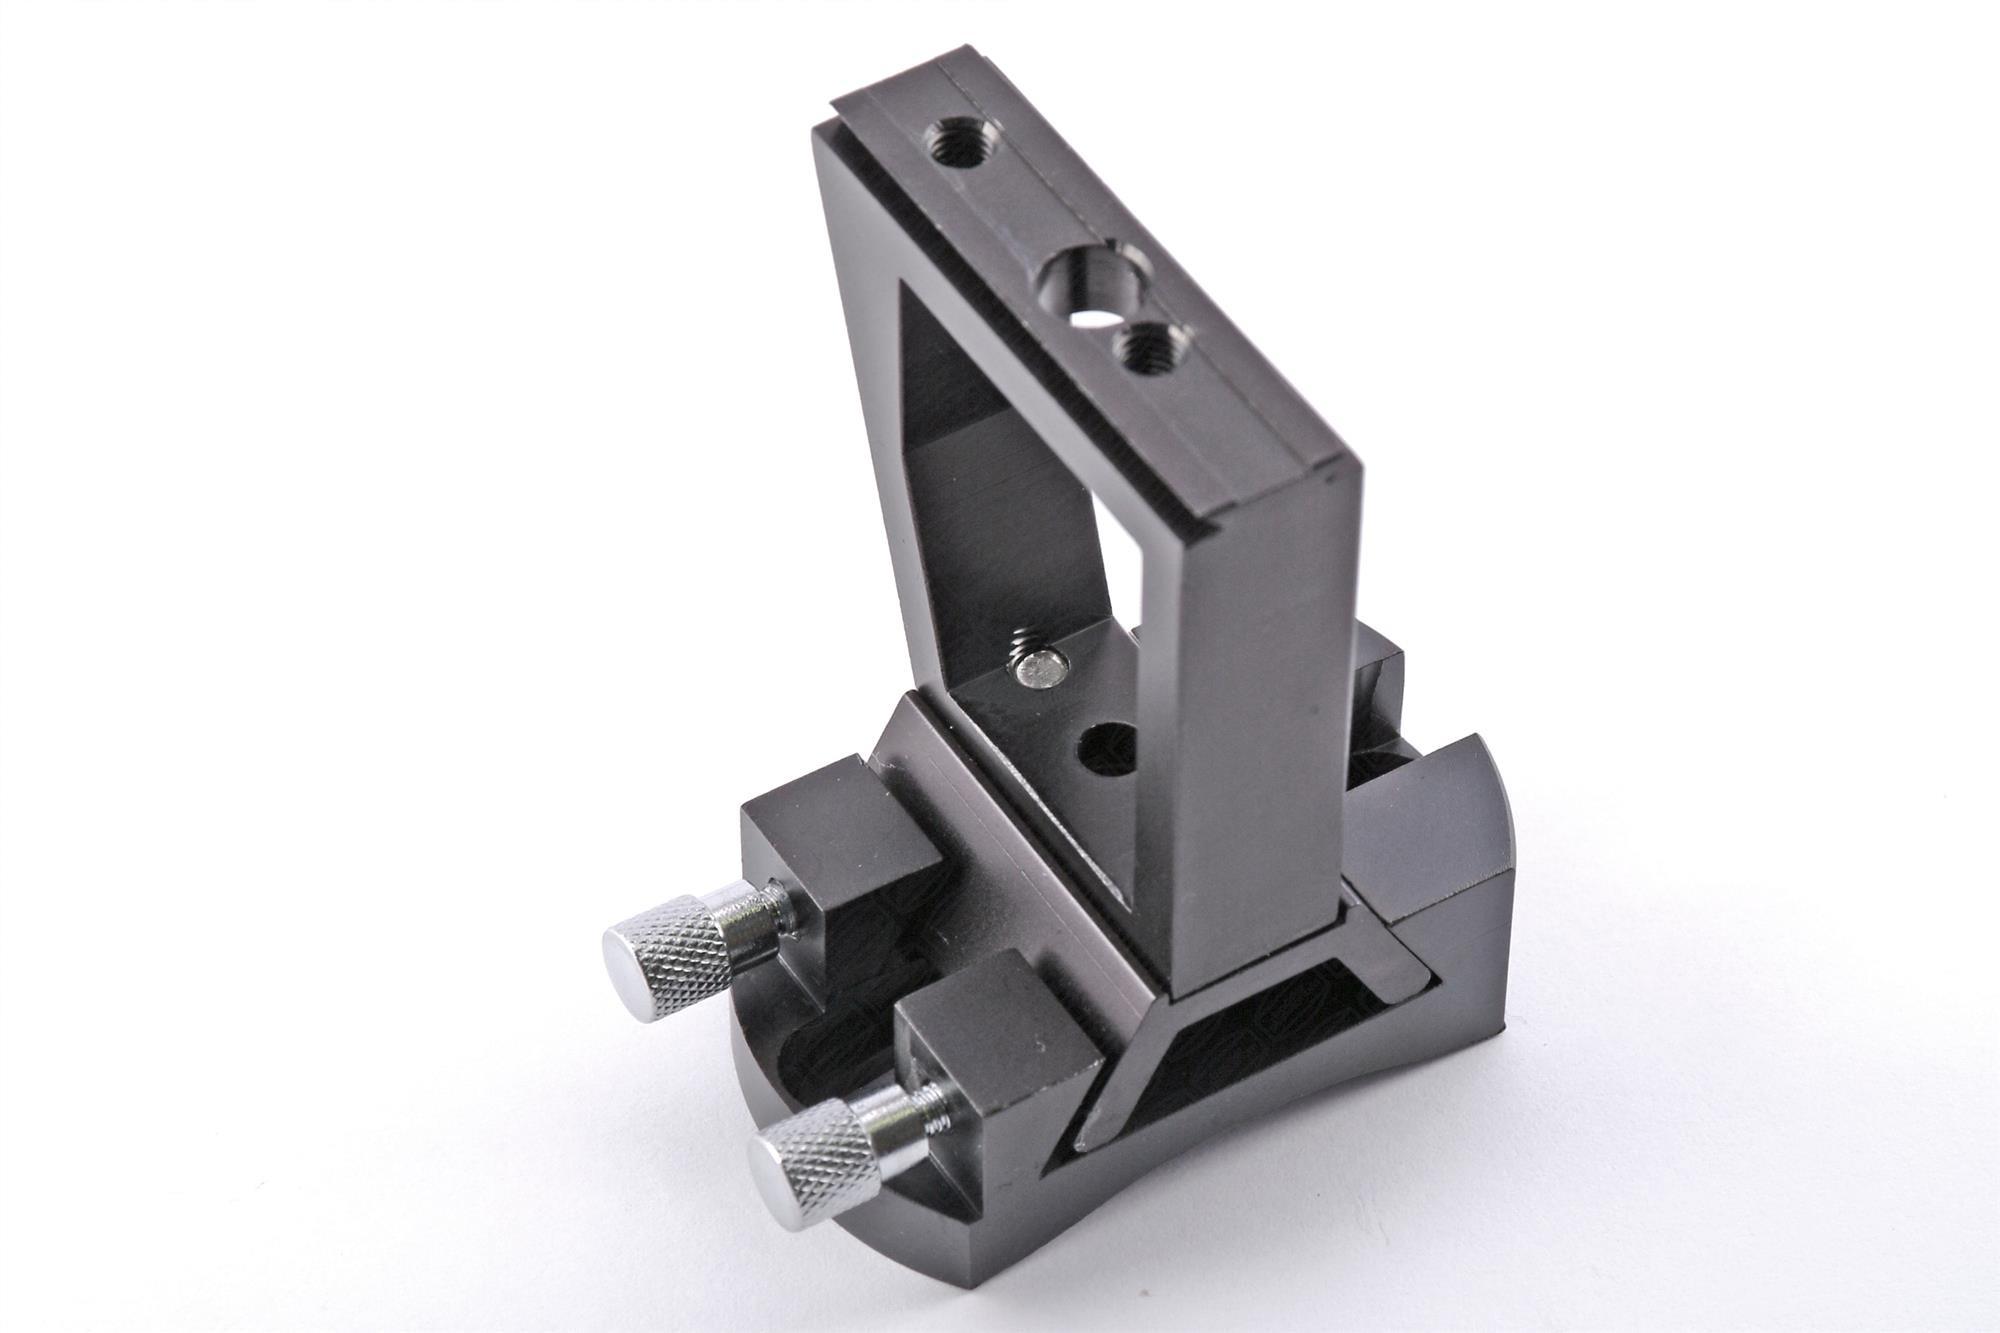 Baader Metal V-bracket for SkySurfer incl. Standard Finder Base